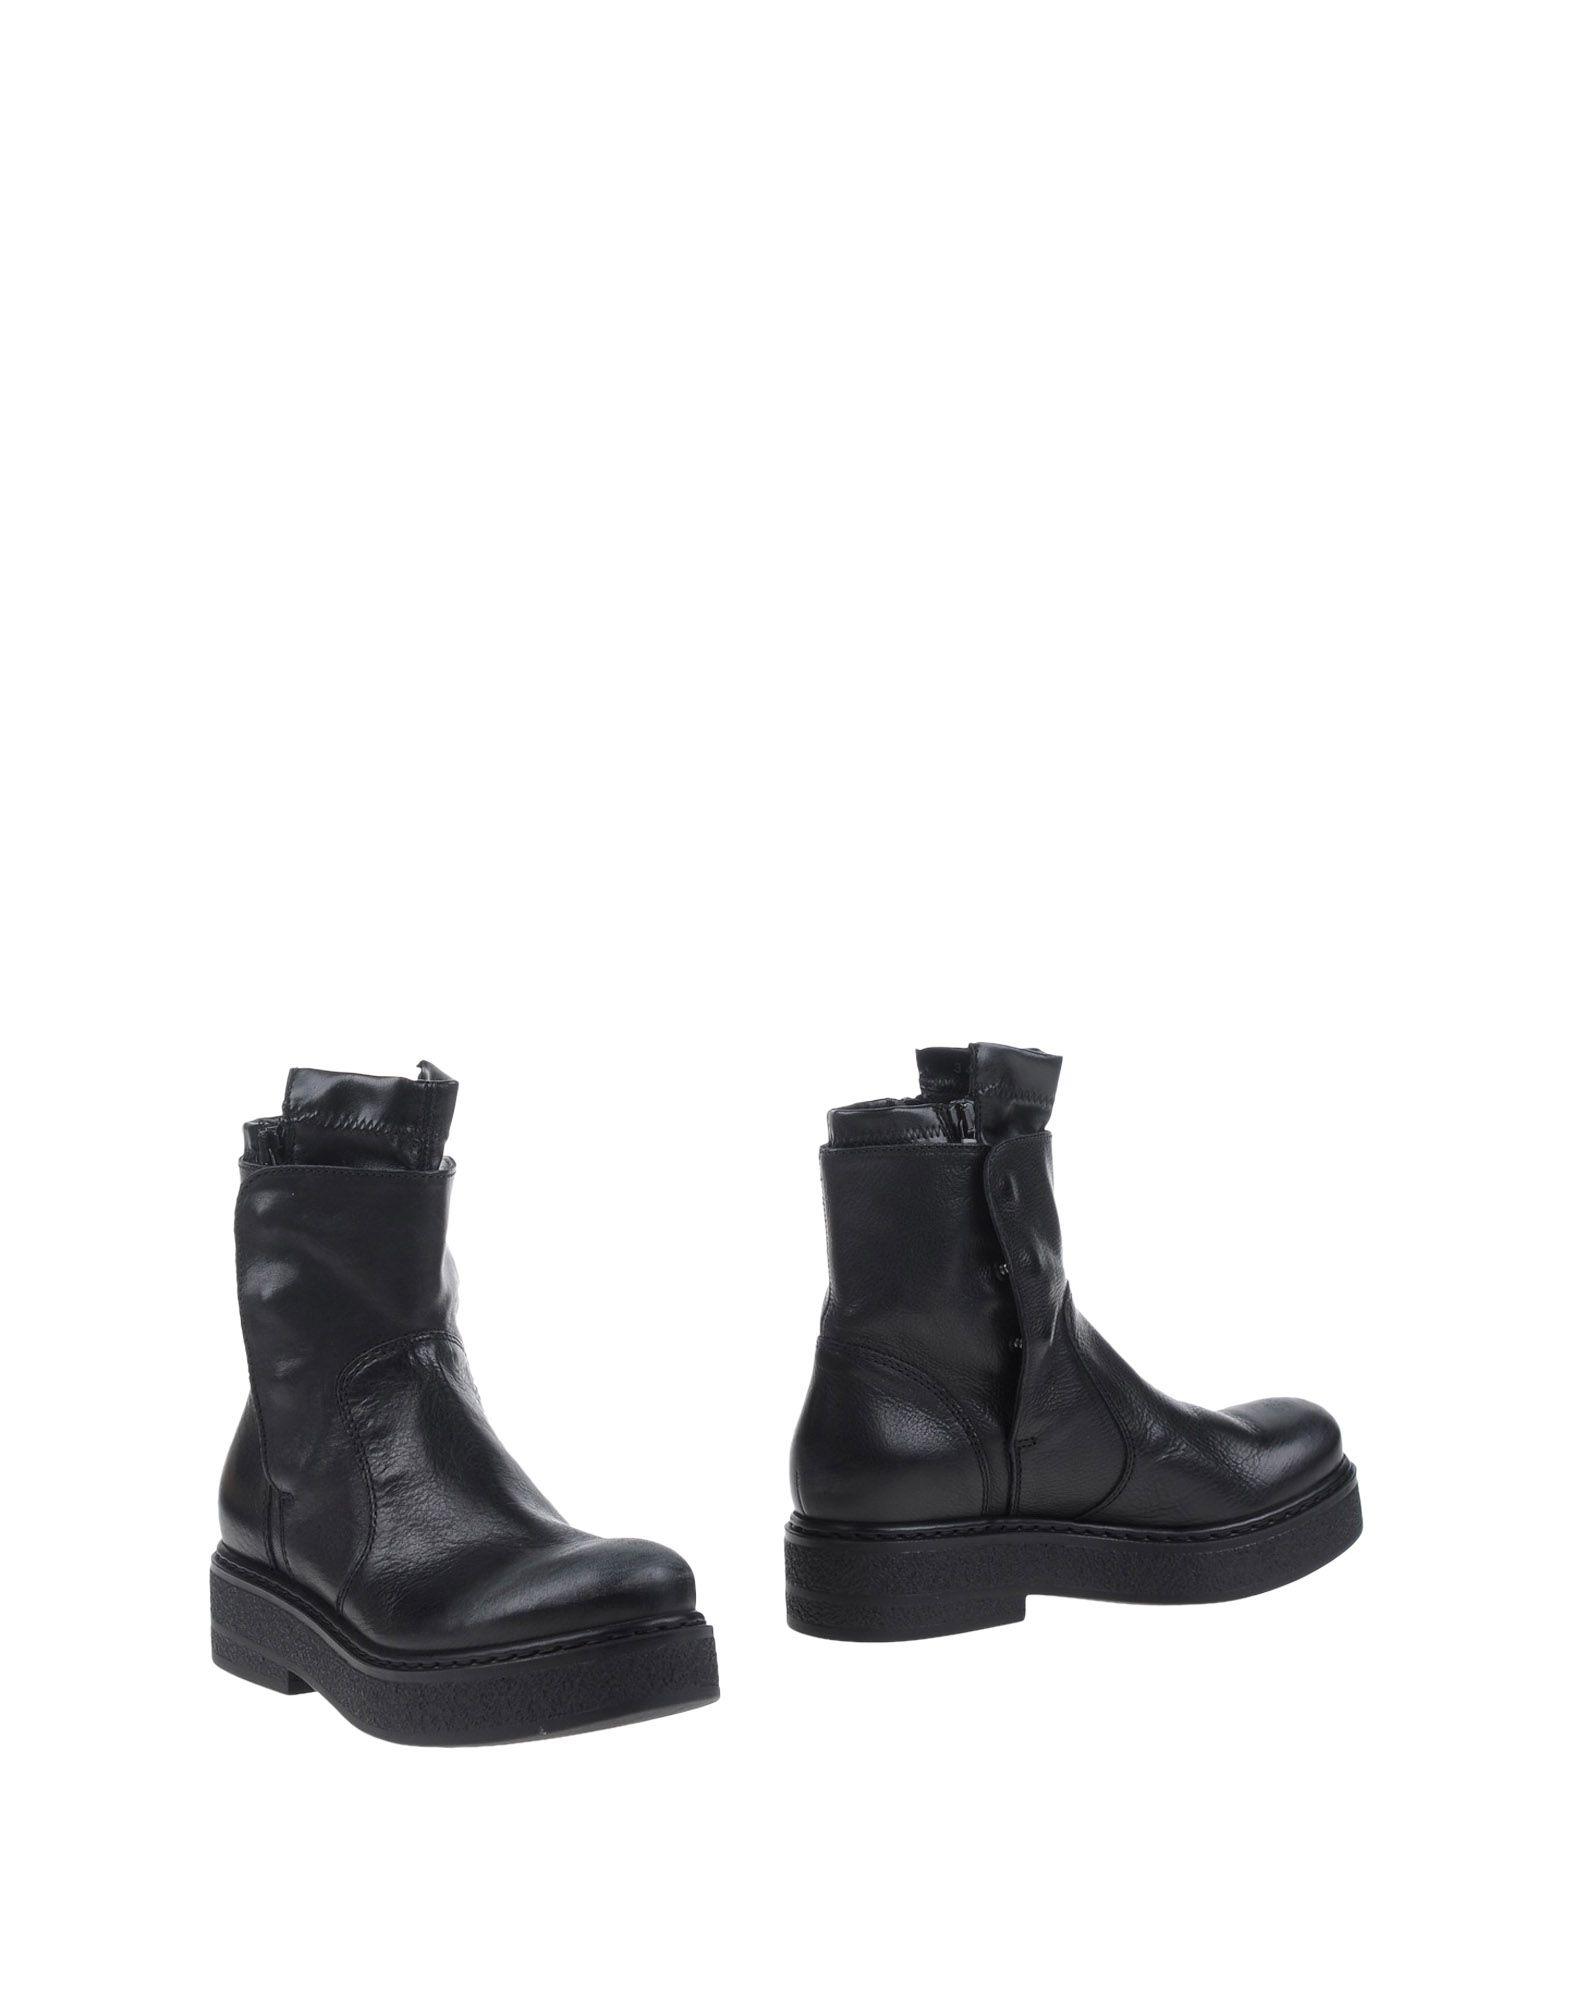 Stilvolle billige Schuhe Damen Janet & Janet Stiefelette Damen Schuhe  11049550HX 5bf2cb